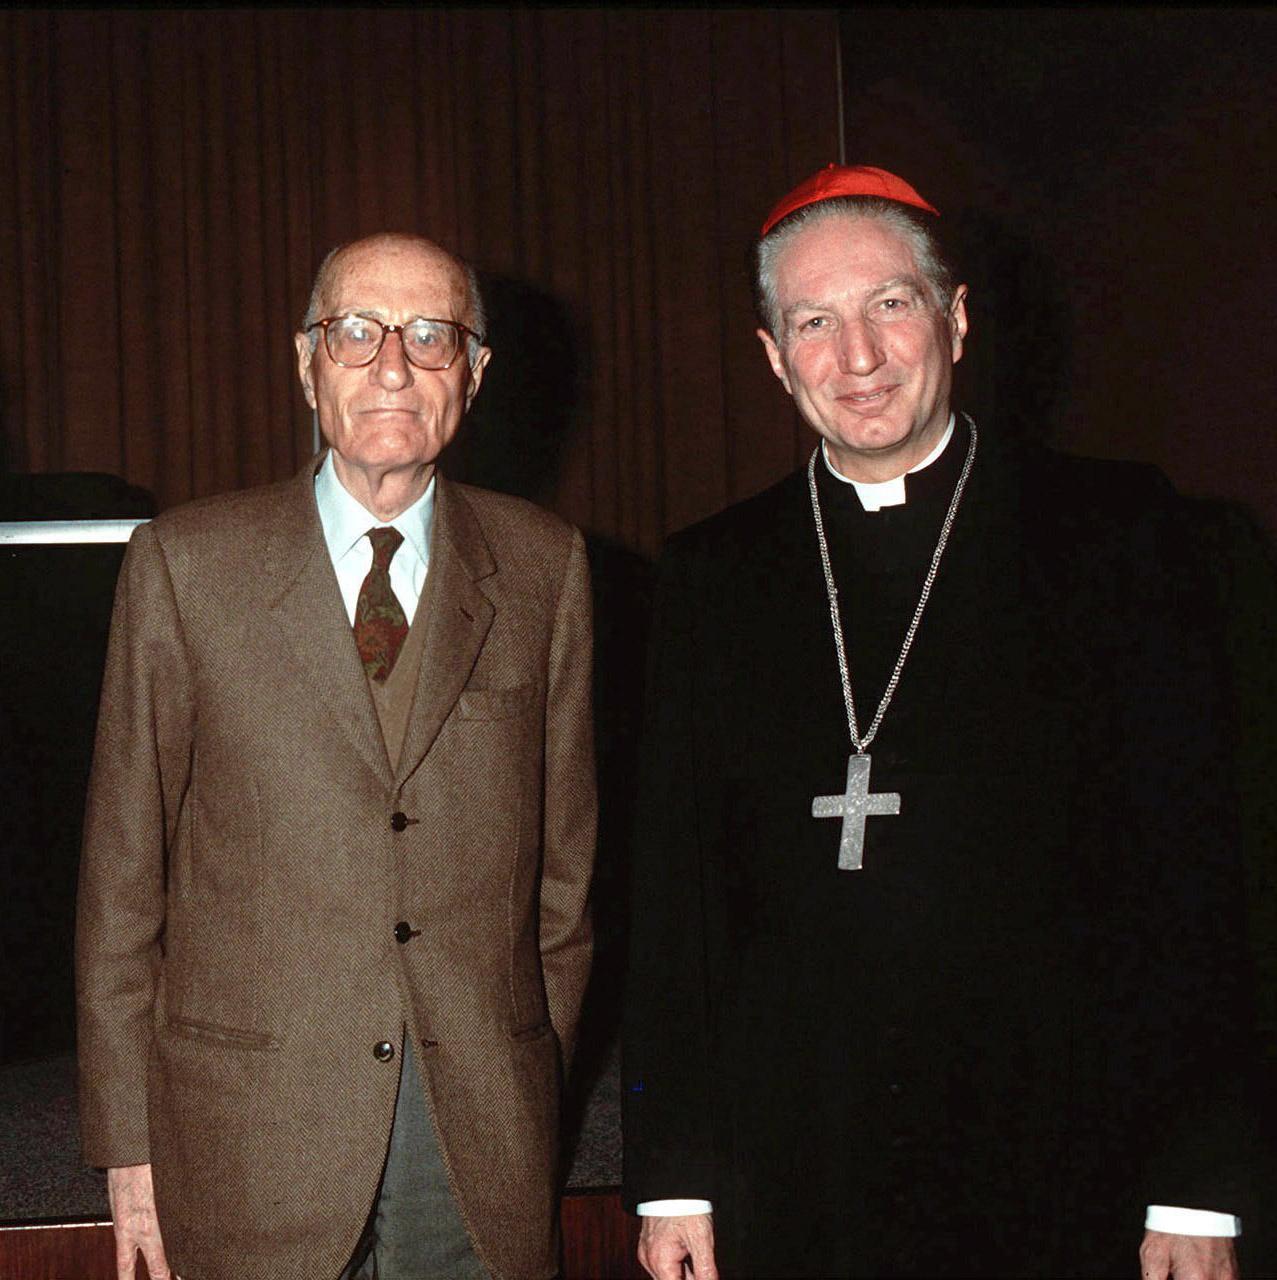 Le confessioni di Martini a colloquio con Montanelli